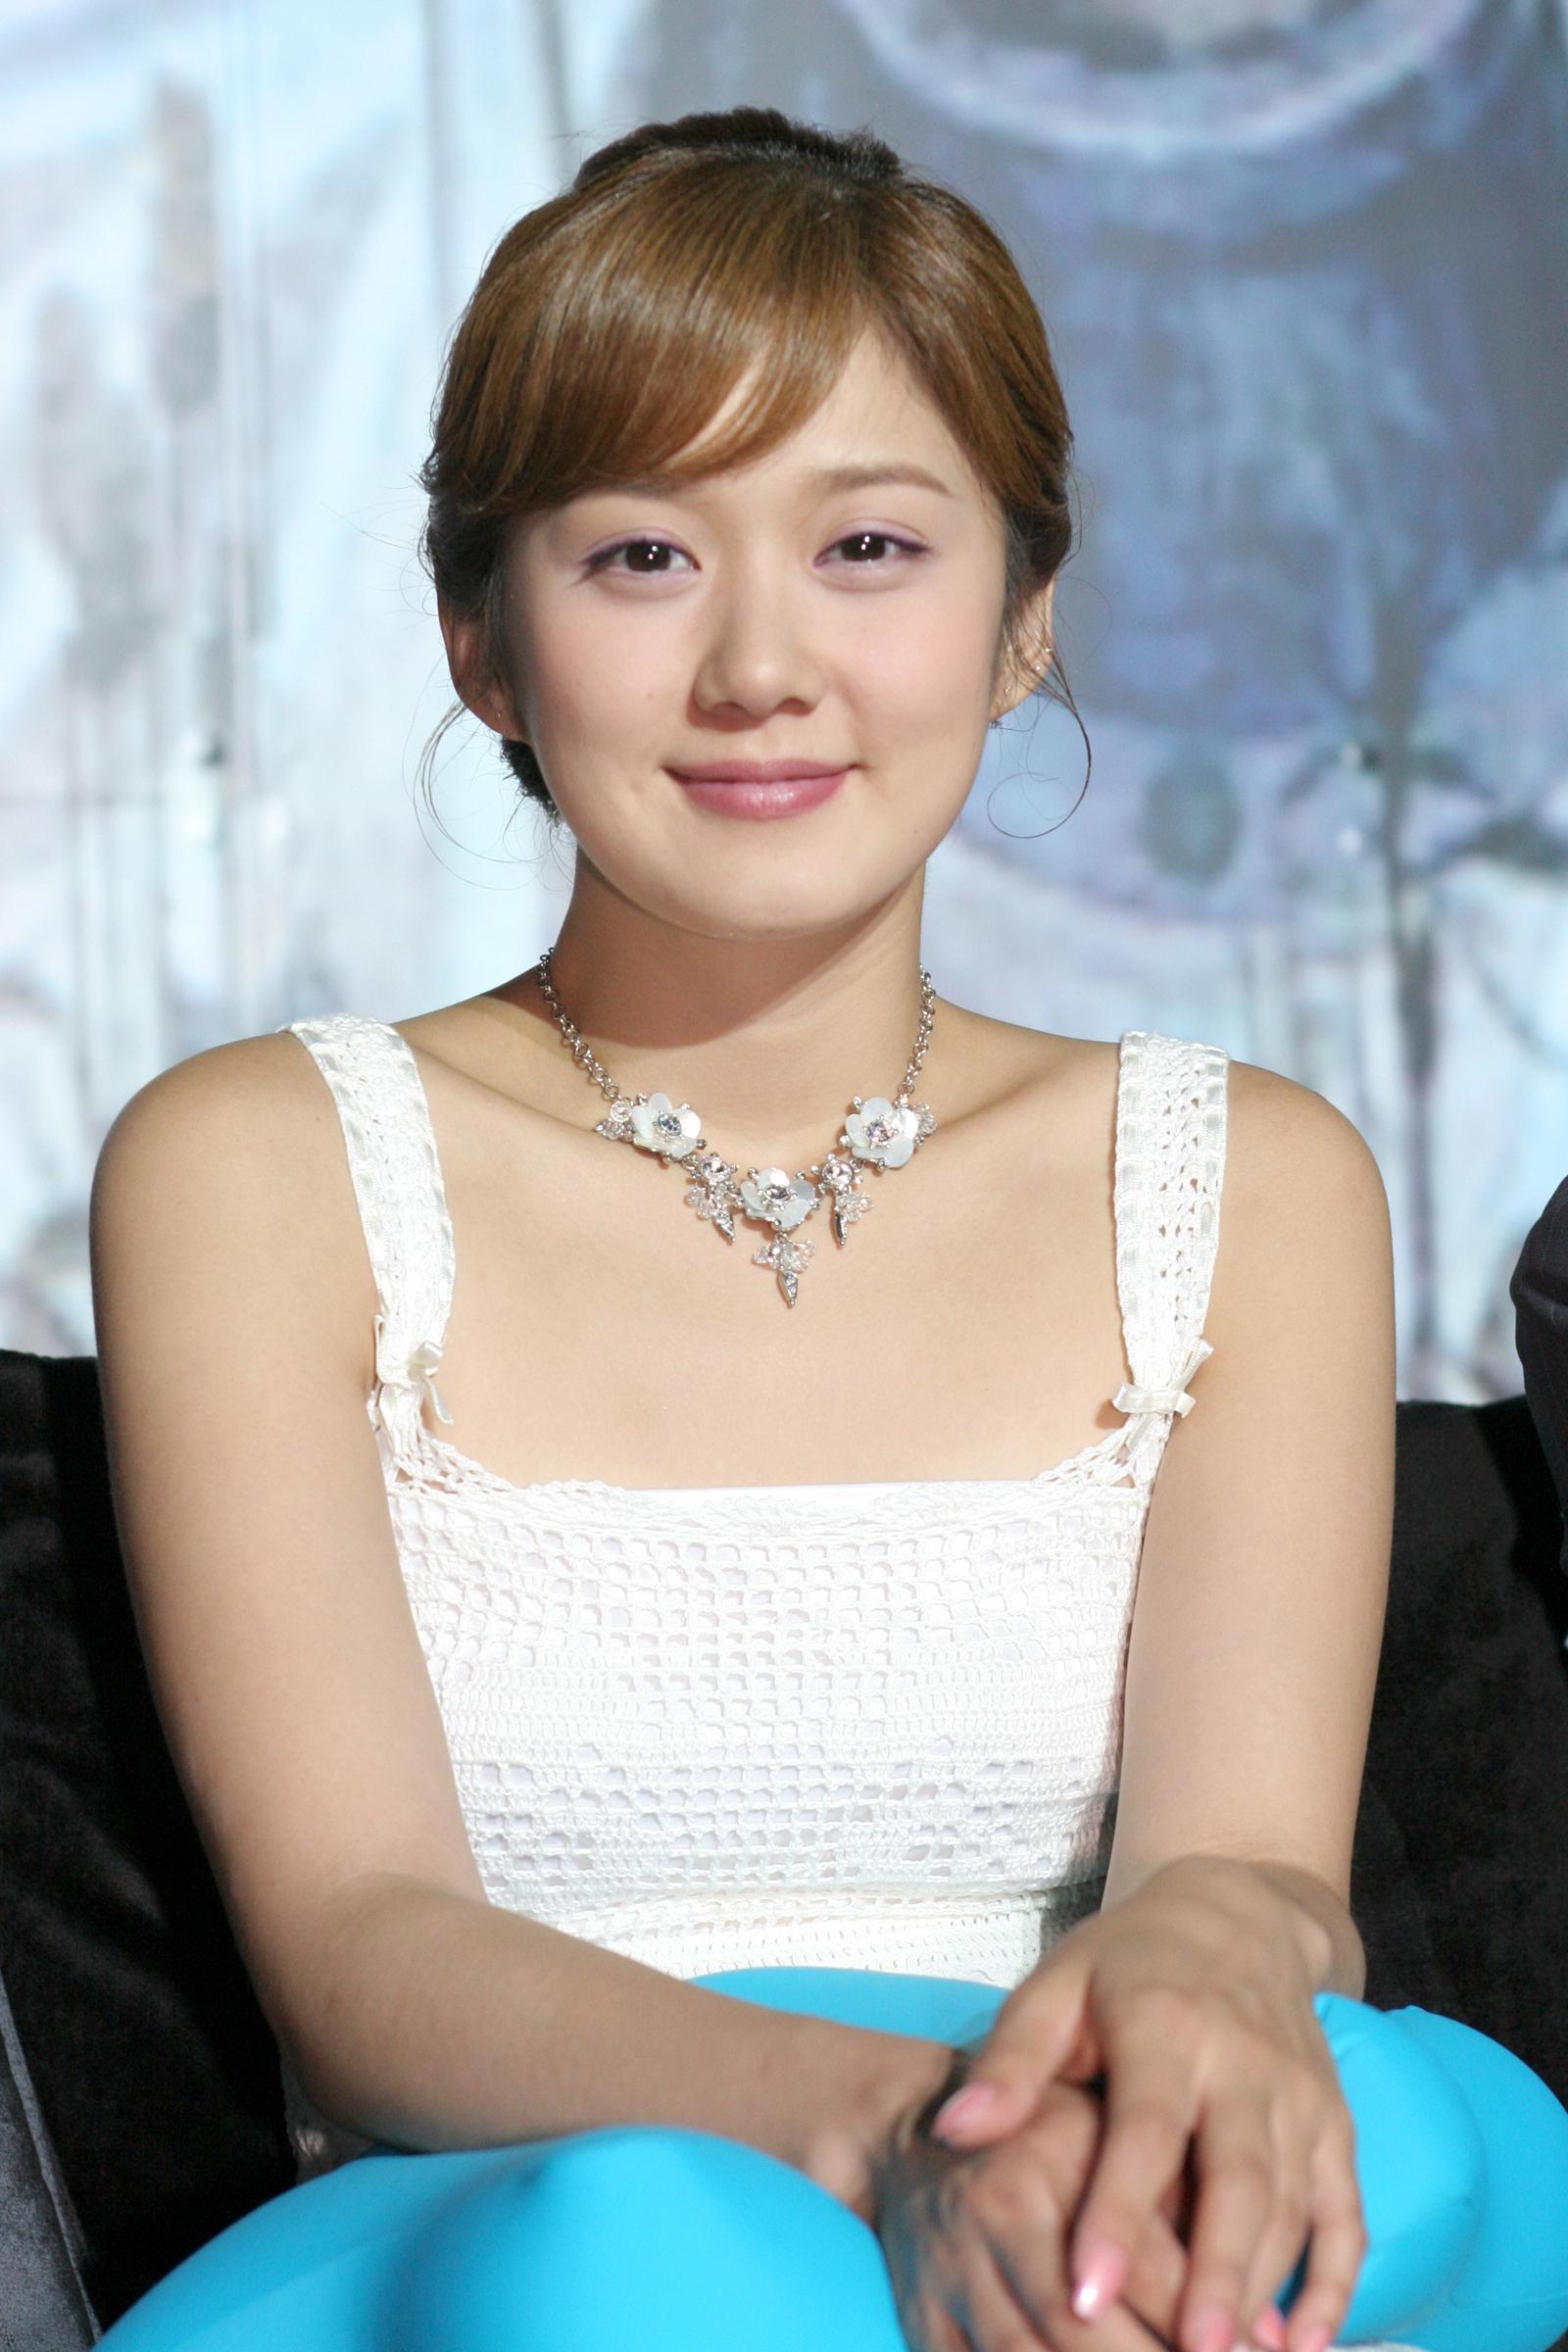 闵镇雄张娜拉在大发不动产剧中与搭档郑容和频频遇到挫折